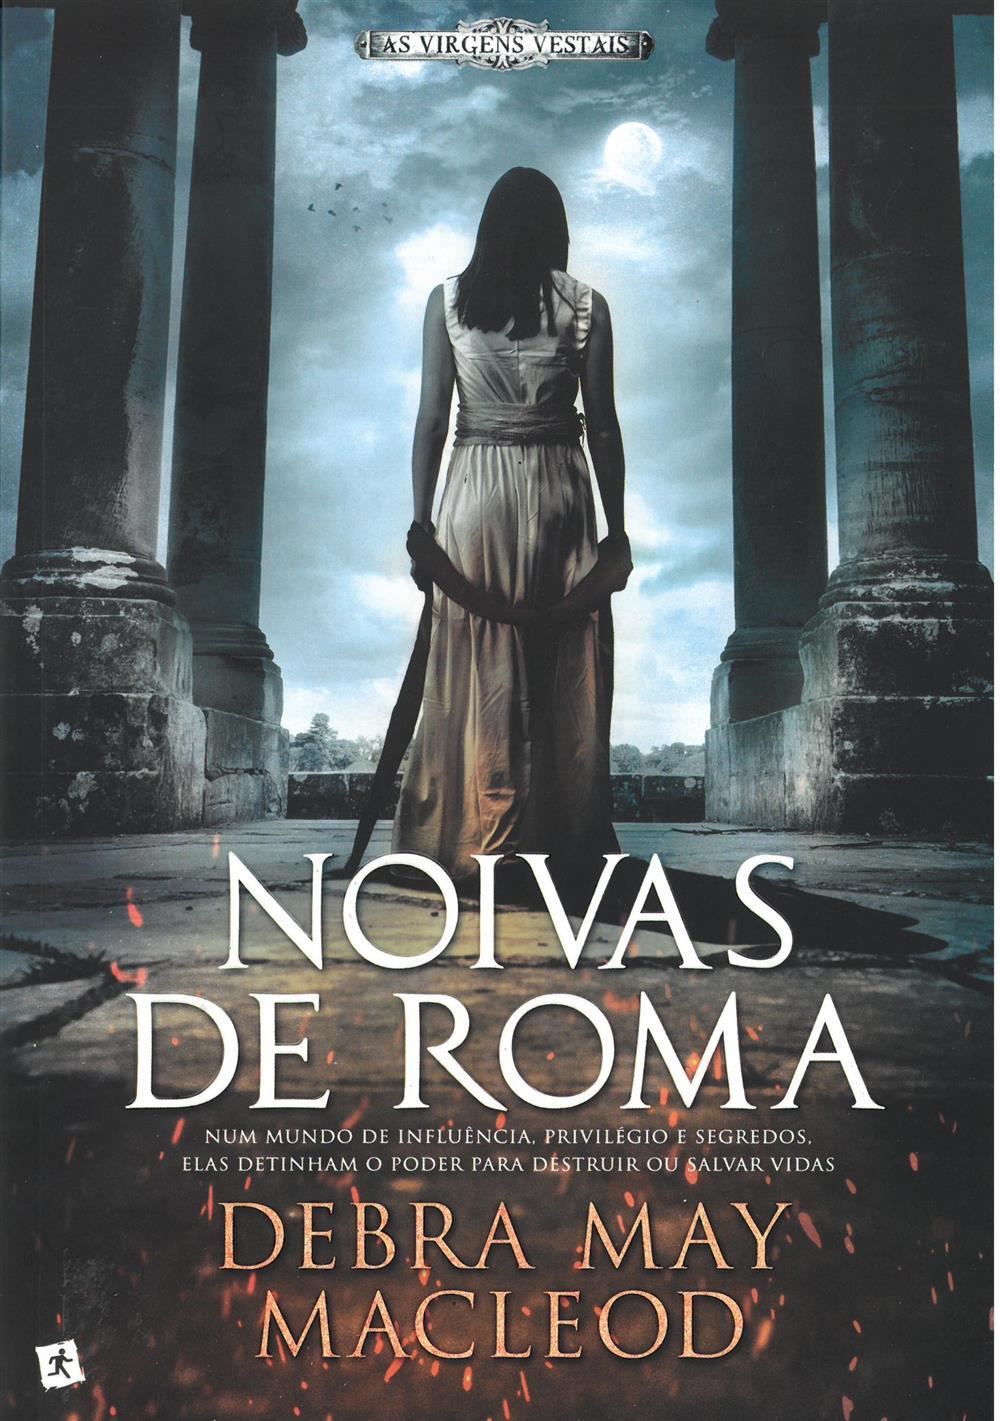 MACLEOD, Debra May (2021). Noivas de Roma : as Virgens Vestais.jpg